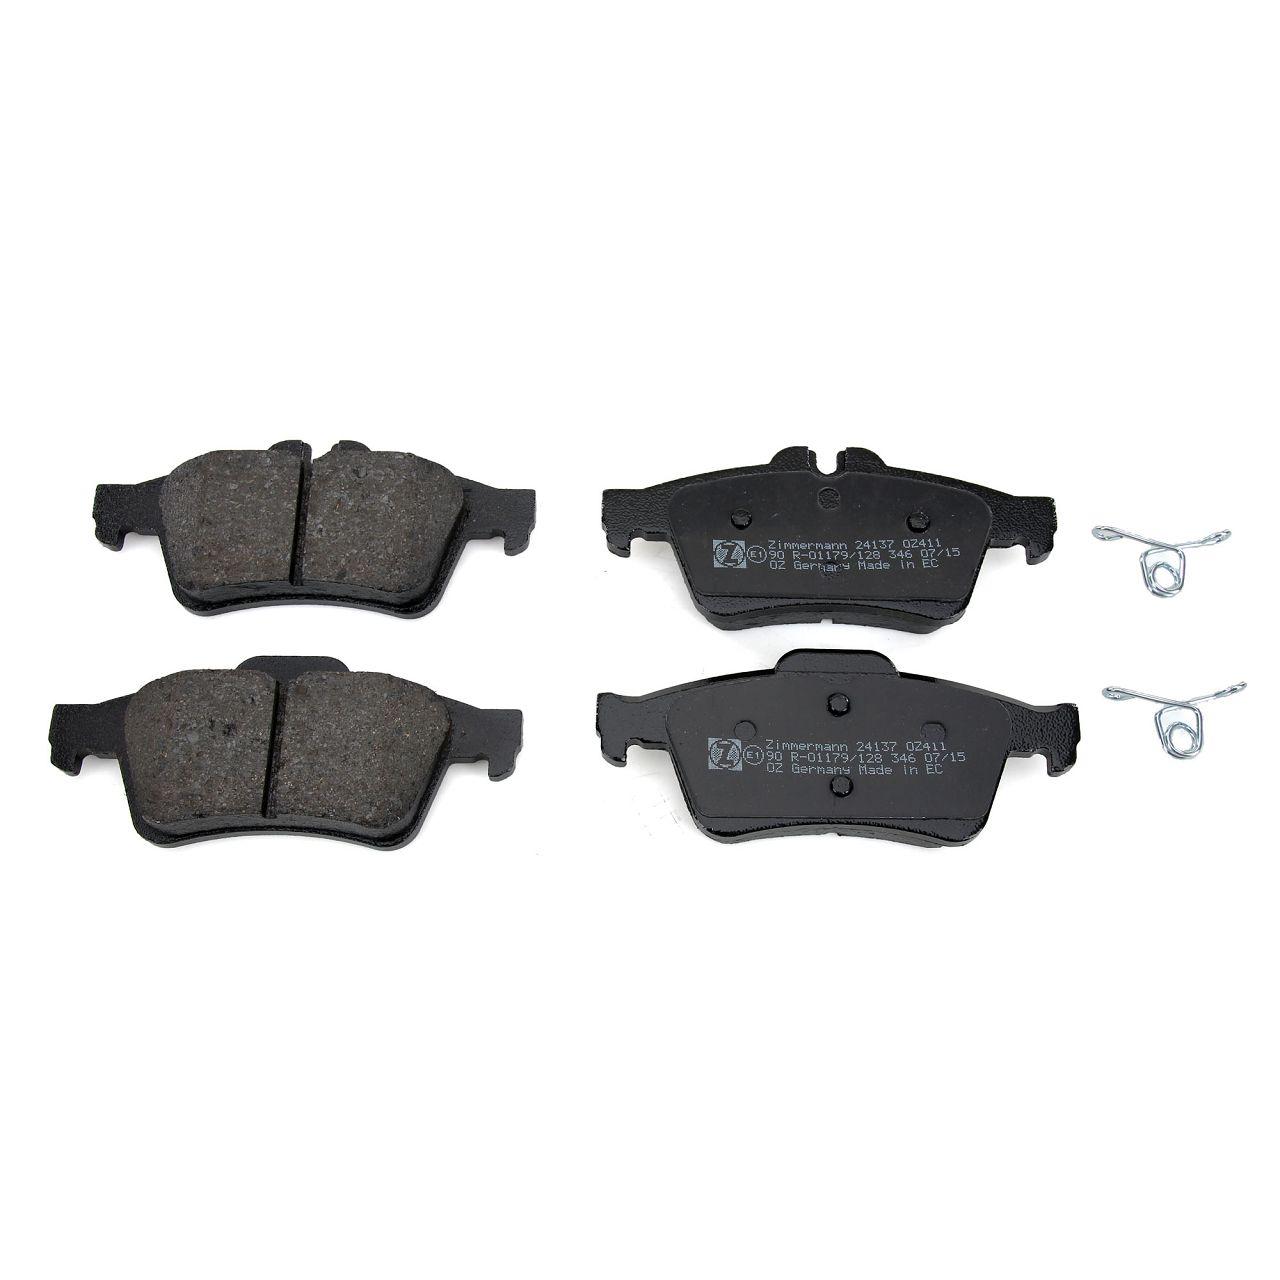 ZIMMERMANN Bremsen Bremsscheiben + Beläge für Mazda 5 (CR19 CW) 16 Zoll hinten